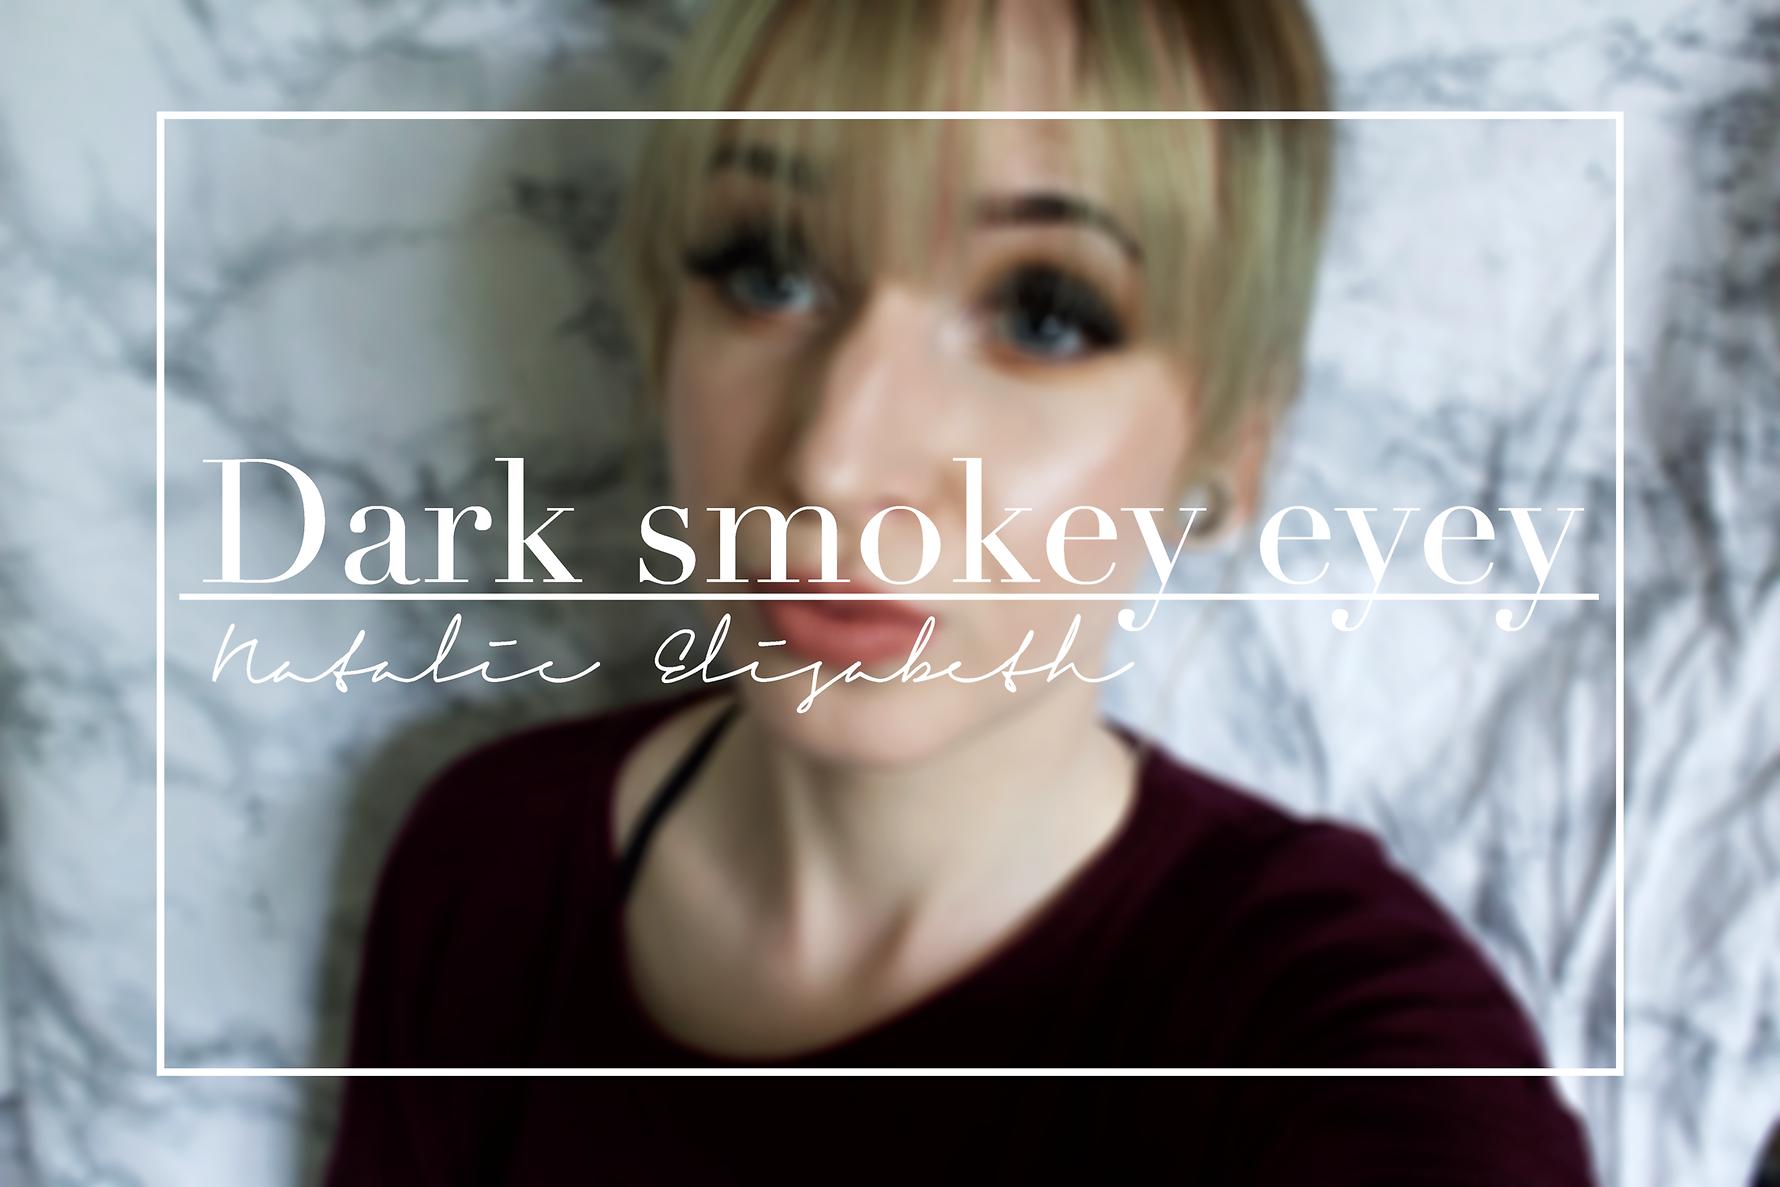 Sminkning: Dark smokey eye